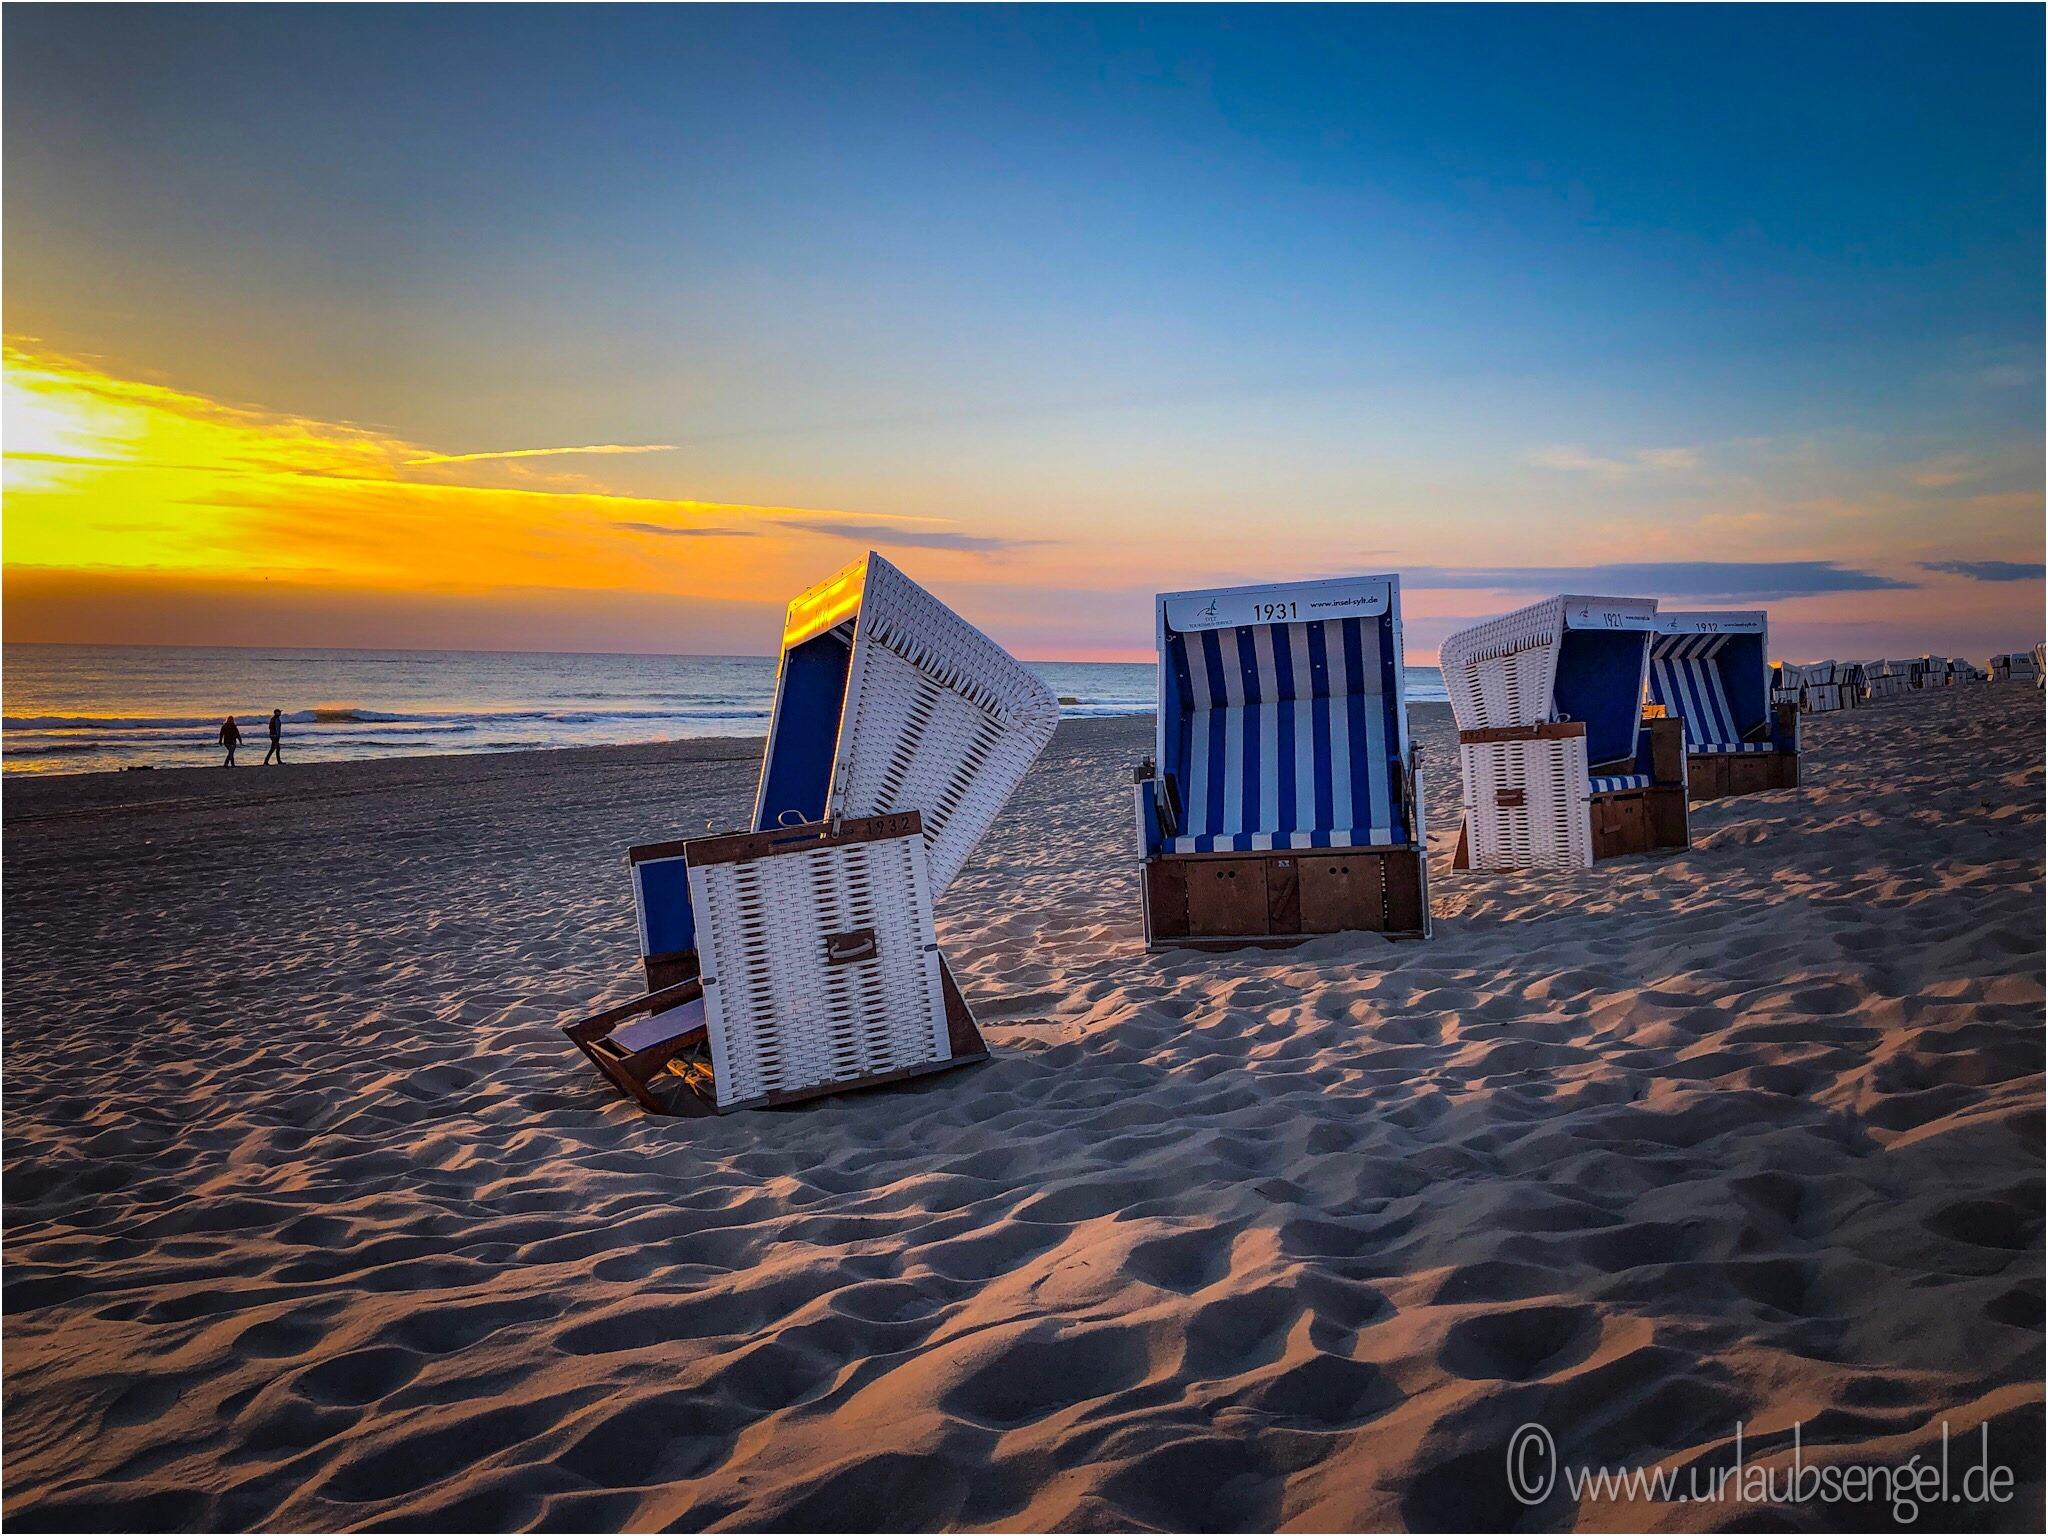 Strandkorb am Strand von Westerland auf Sylt